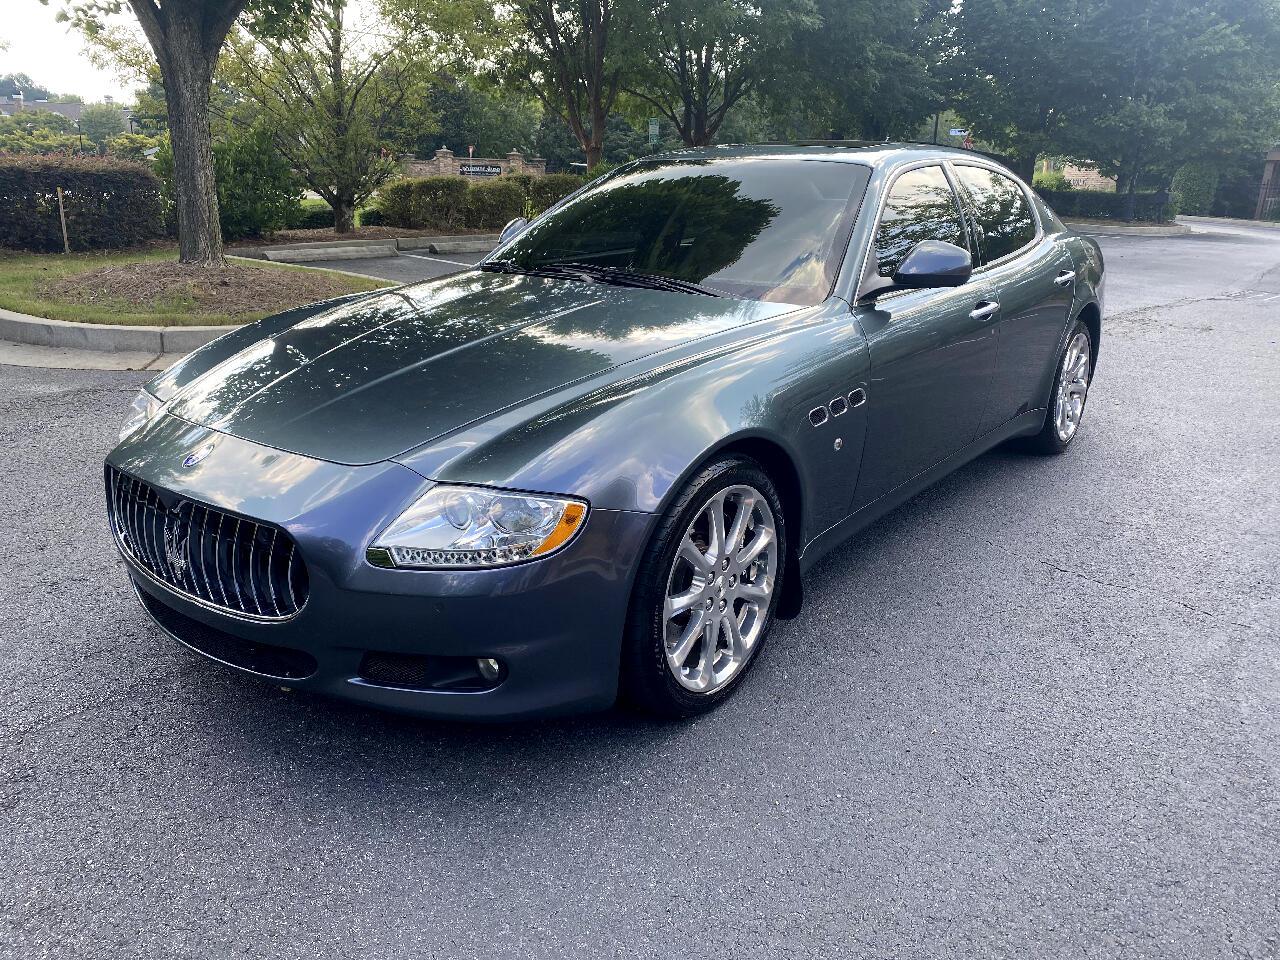 Maserati Quattroporte S 2009